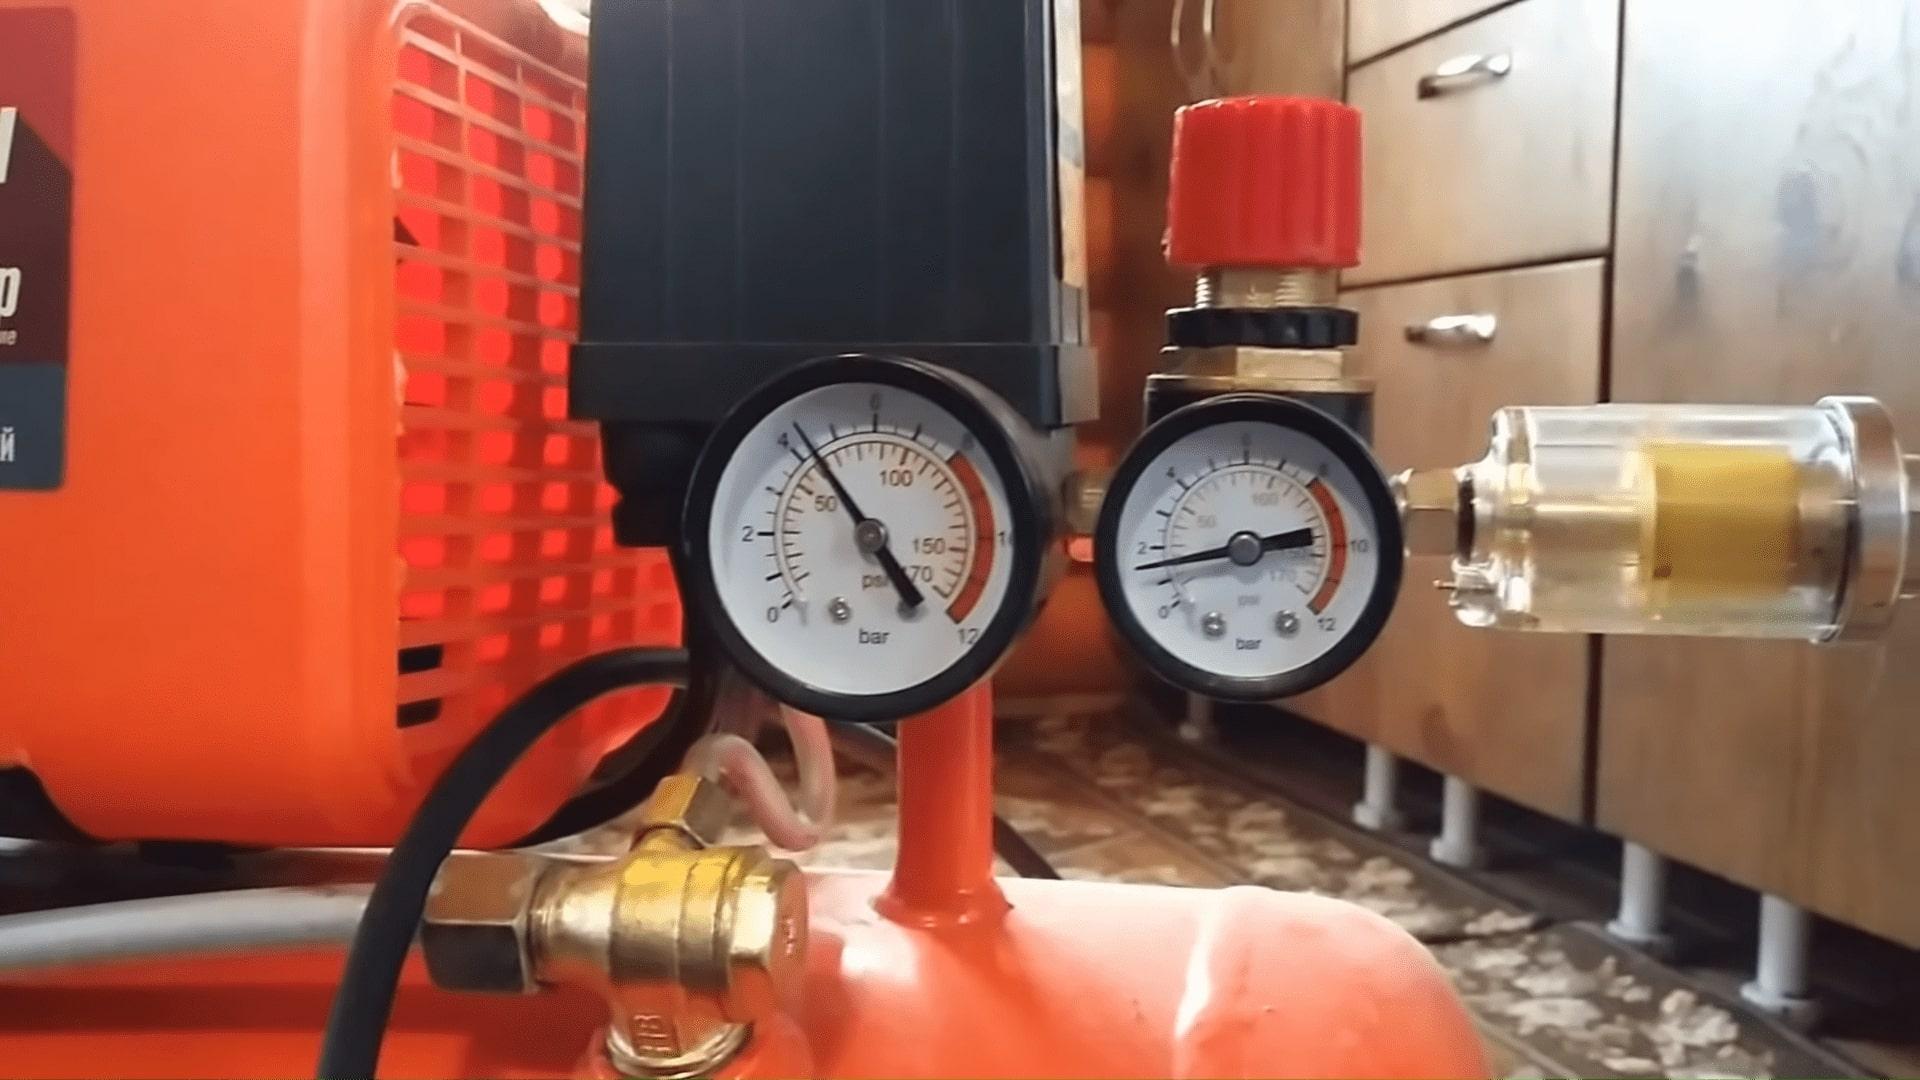 датчик давление насосной станции при частом срабатывании